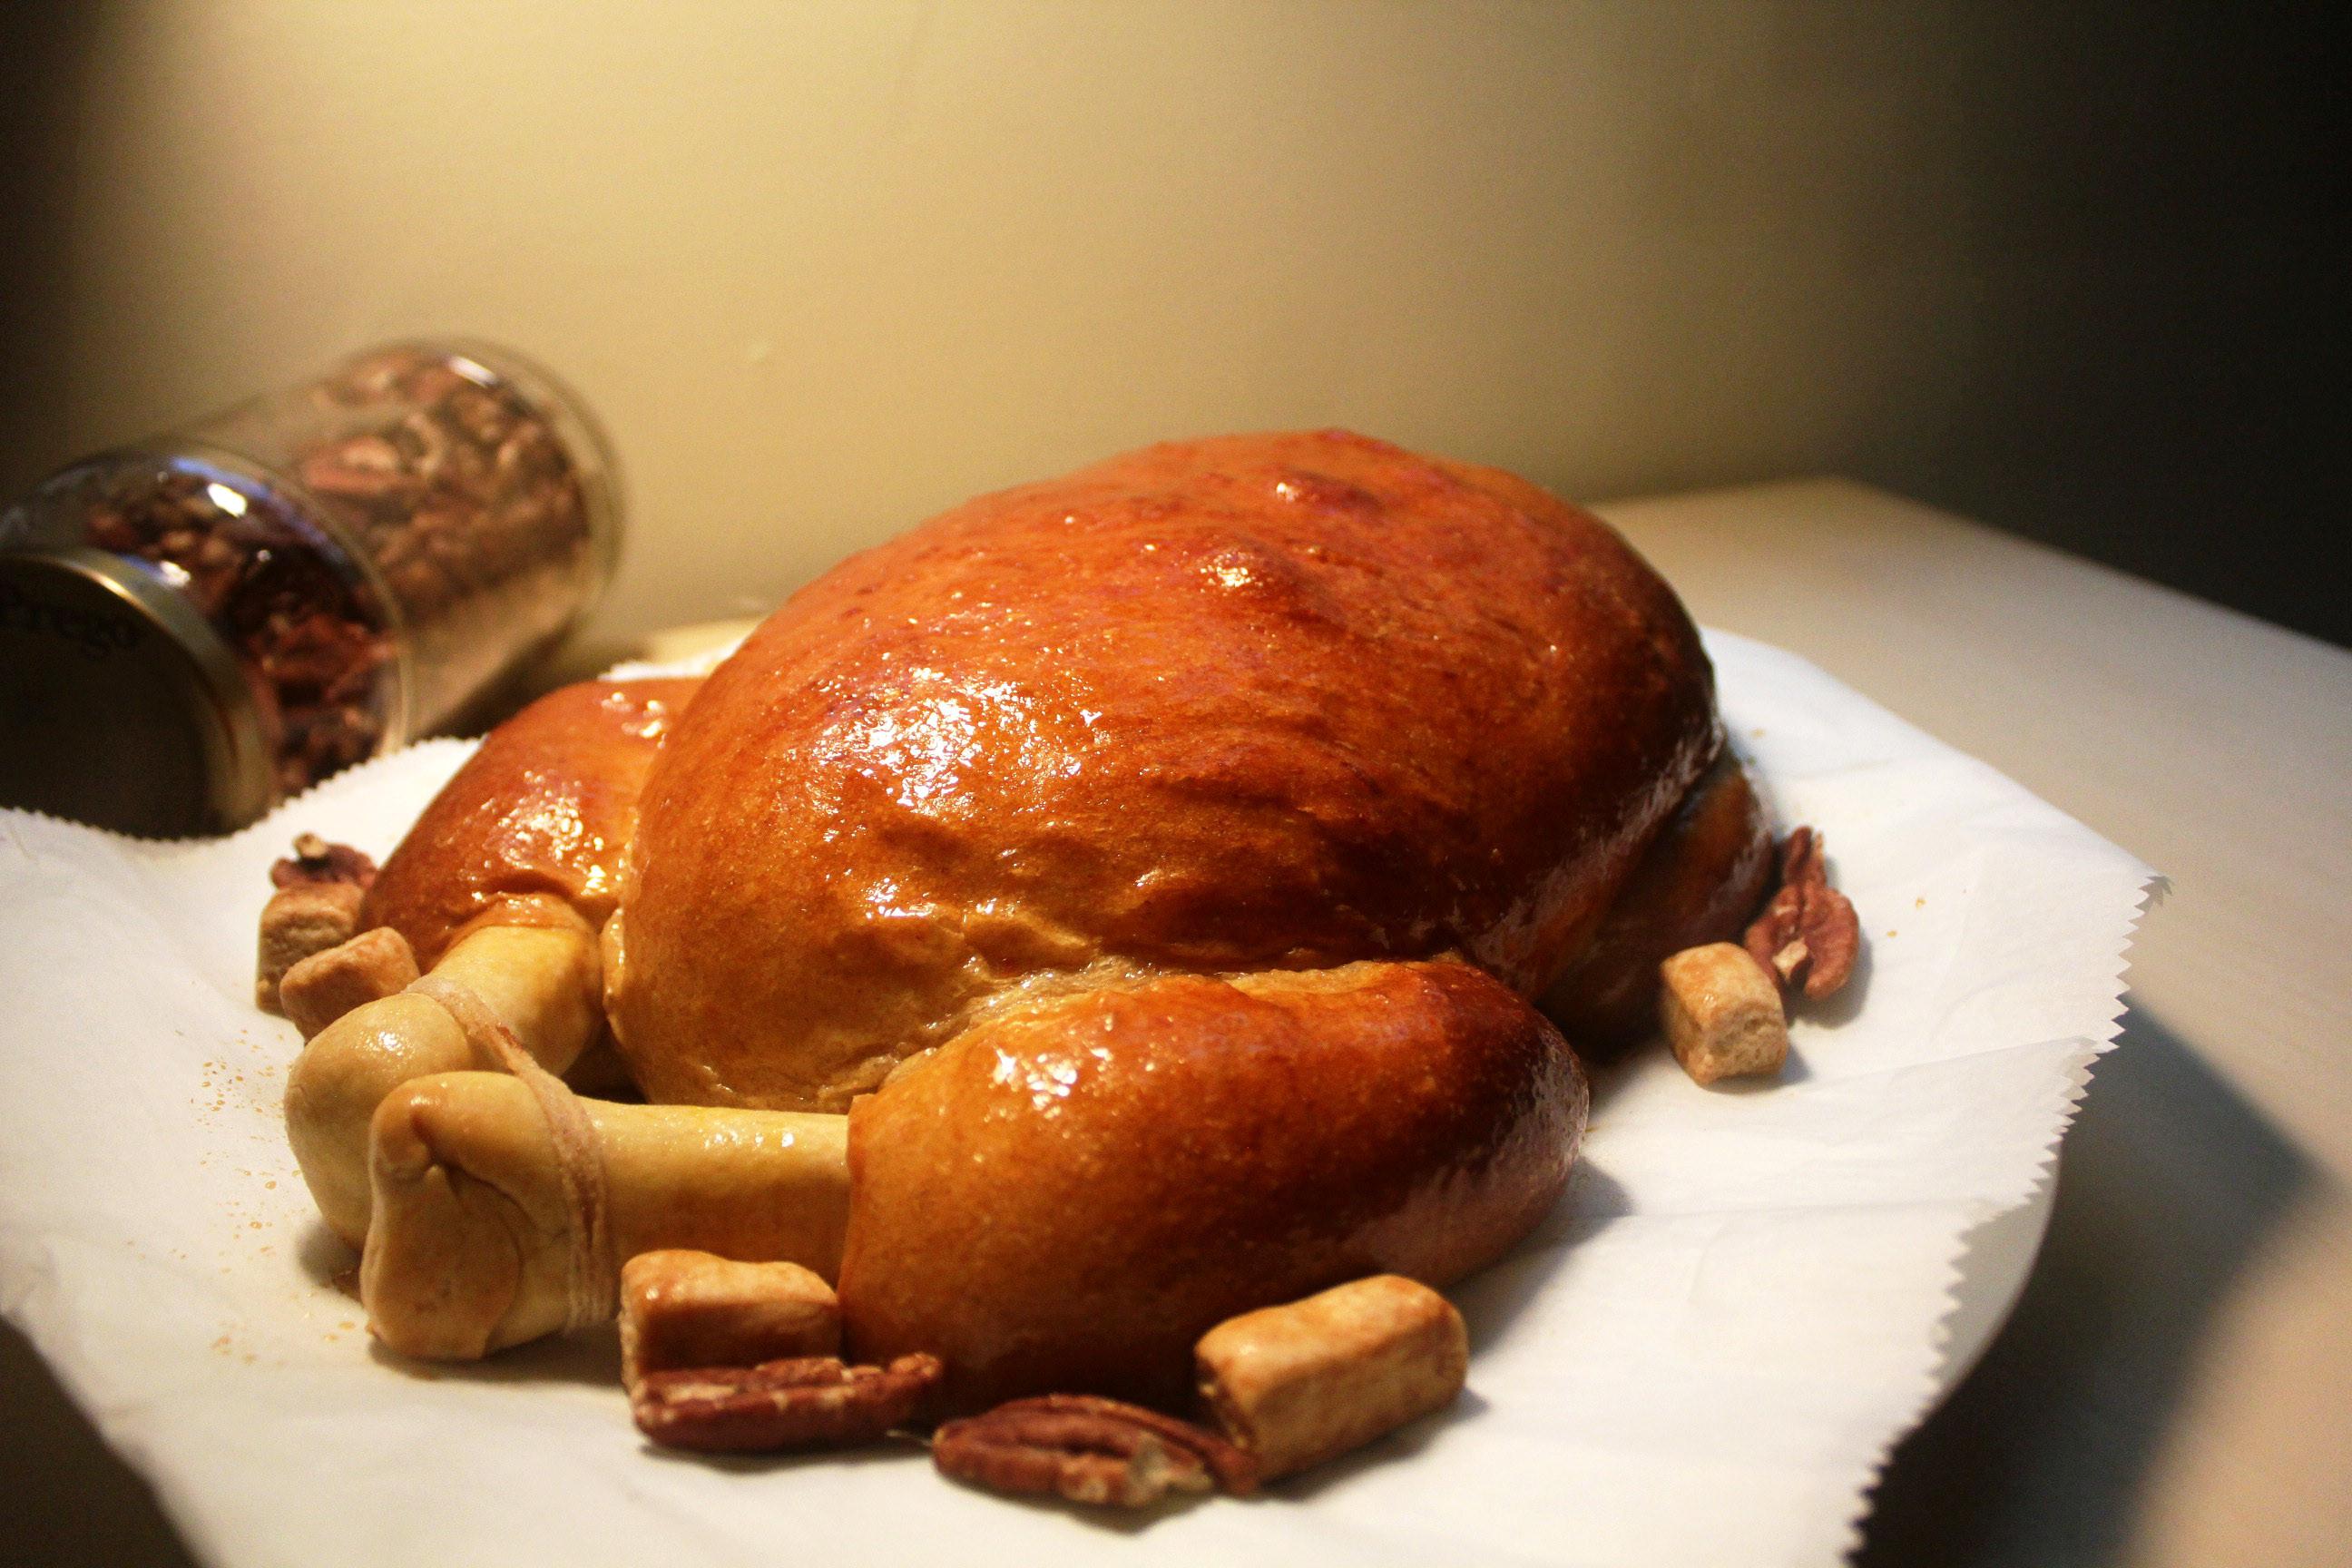 影片◆楓糖烤雞全麥麵包|楓糖胡桃乳酪餡